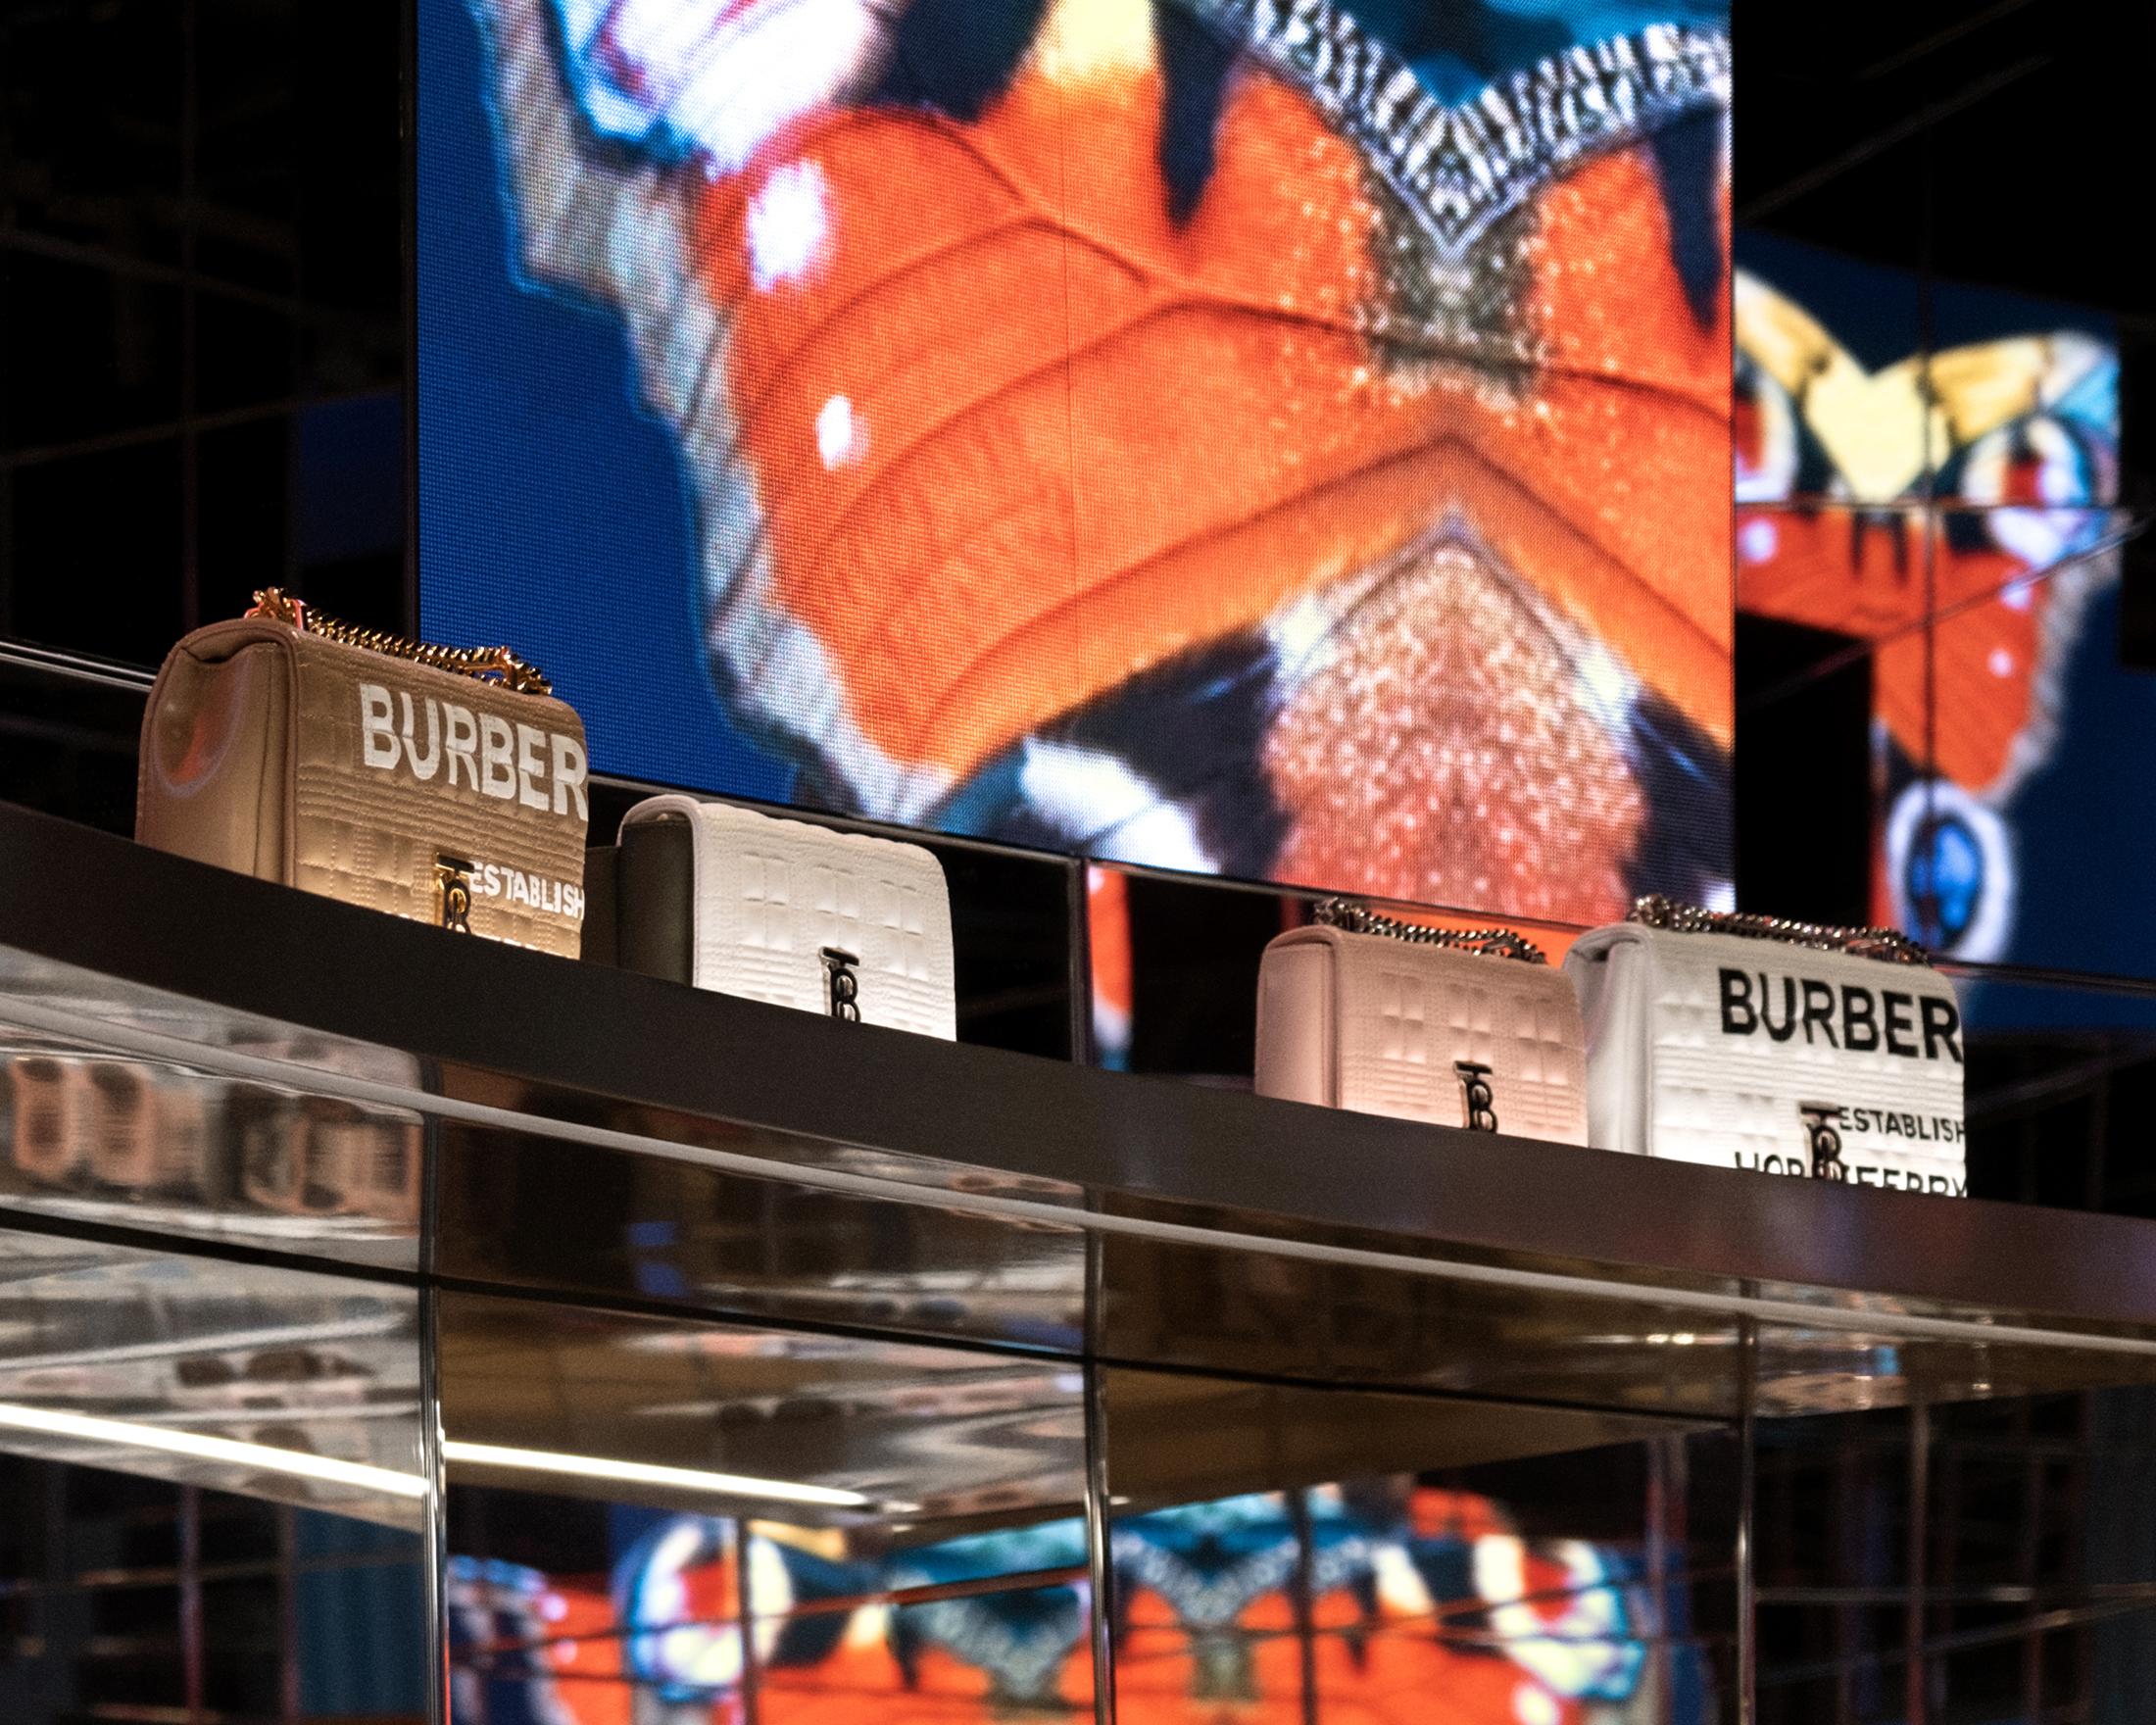 Burberry Store Photos